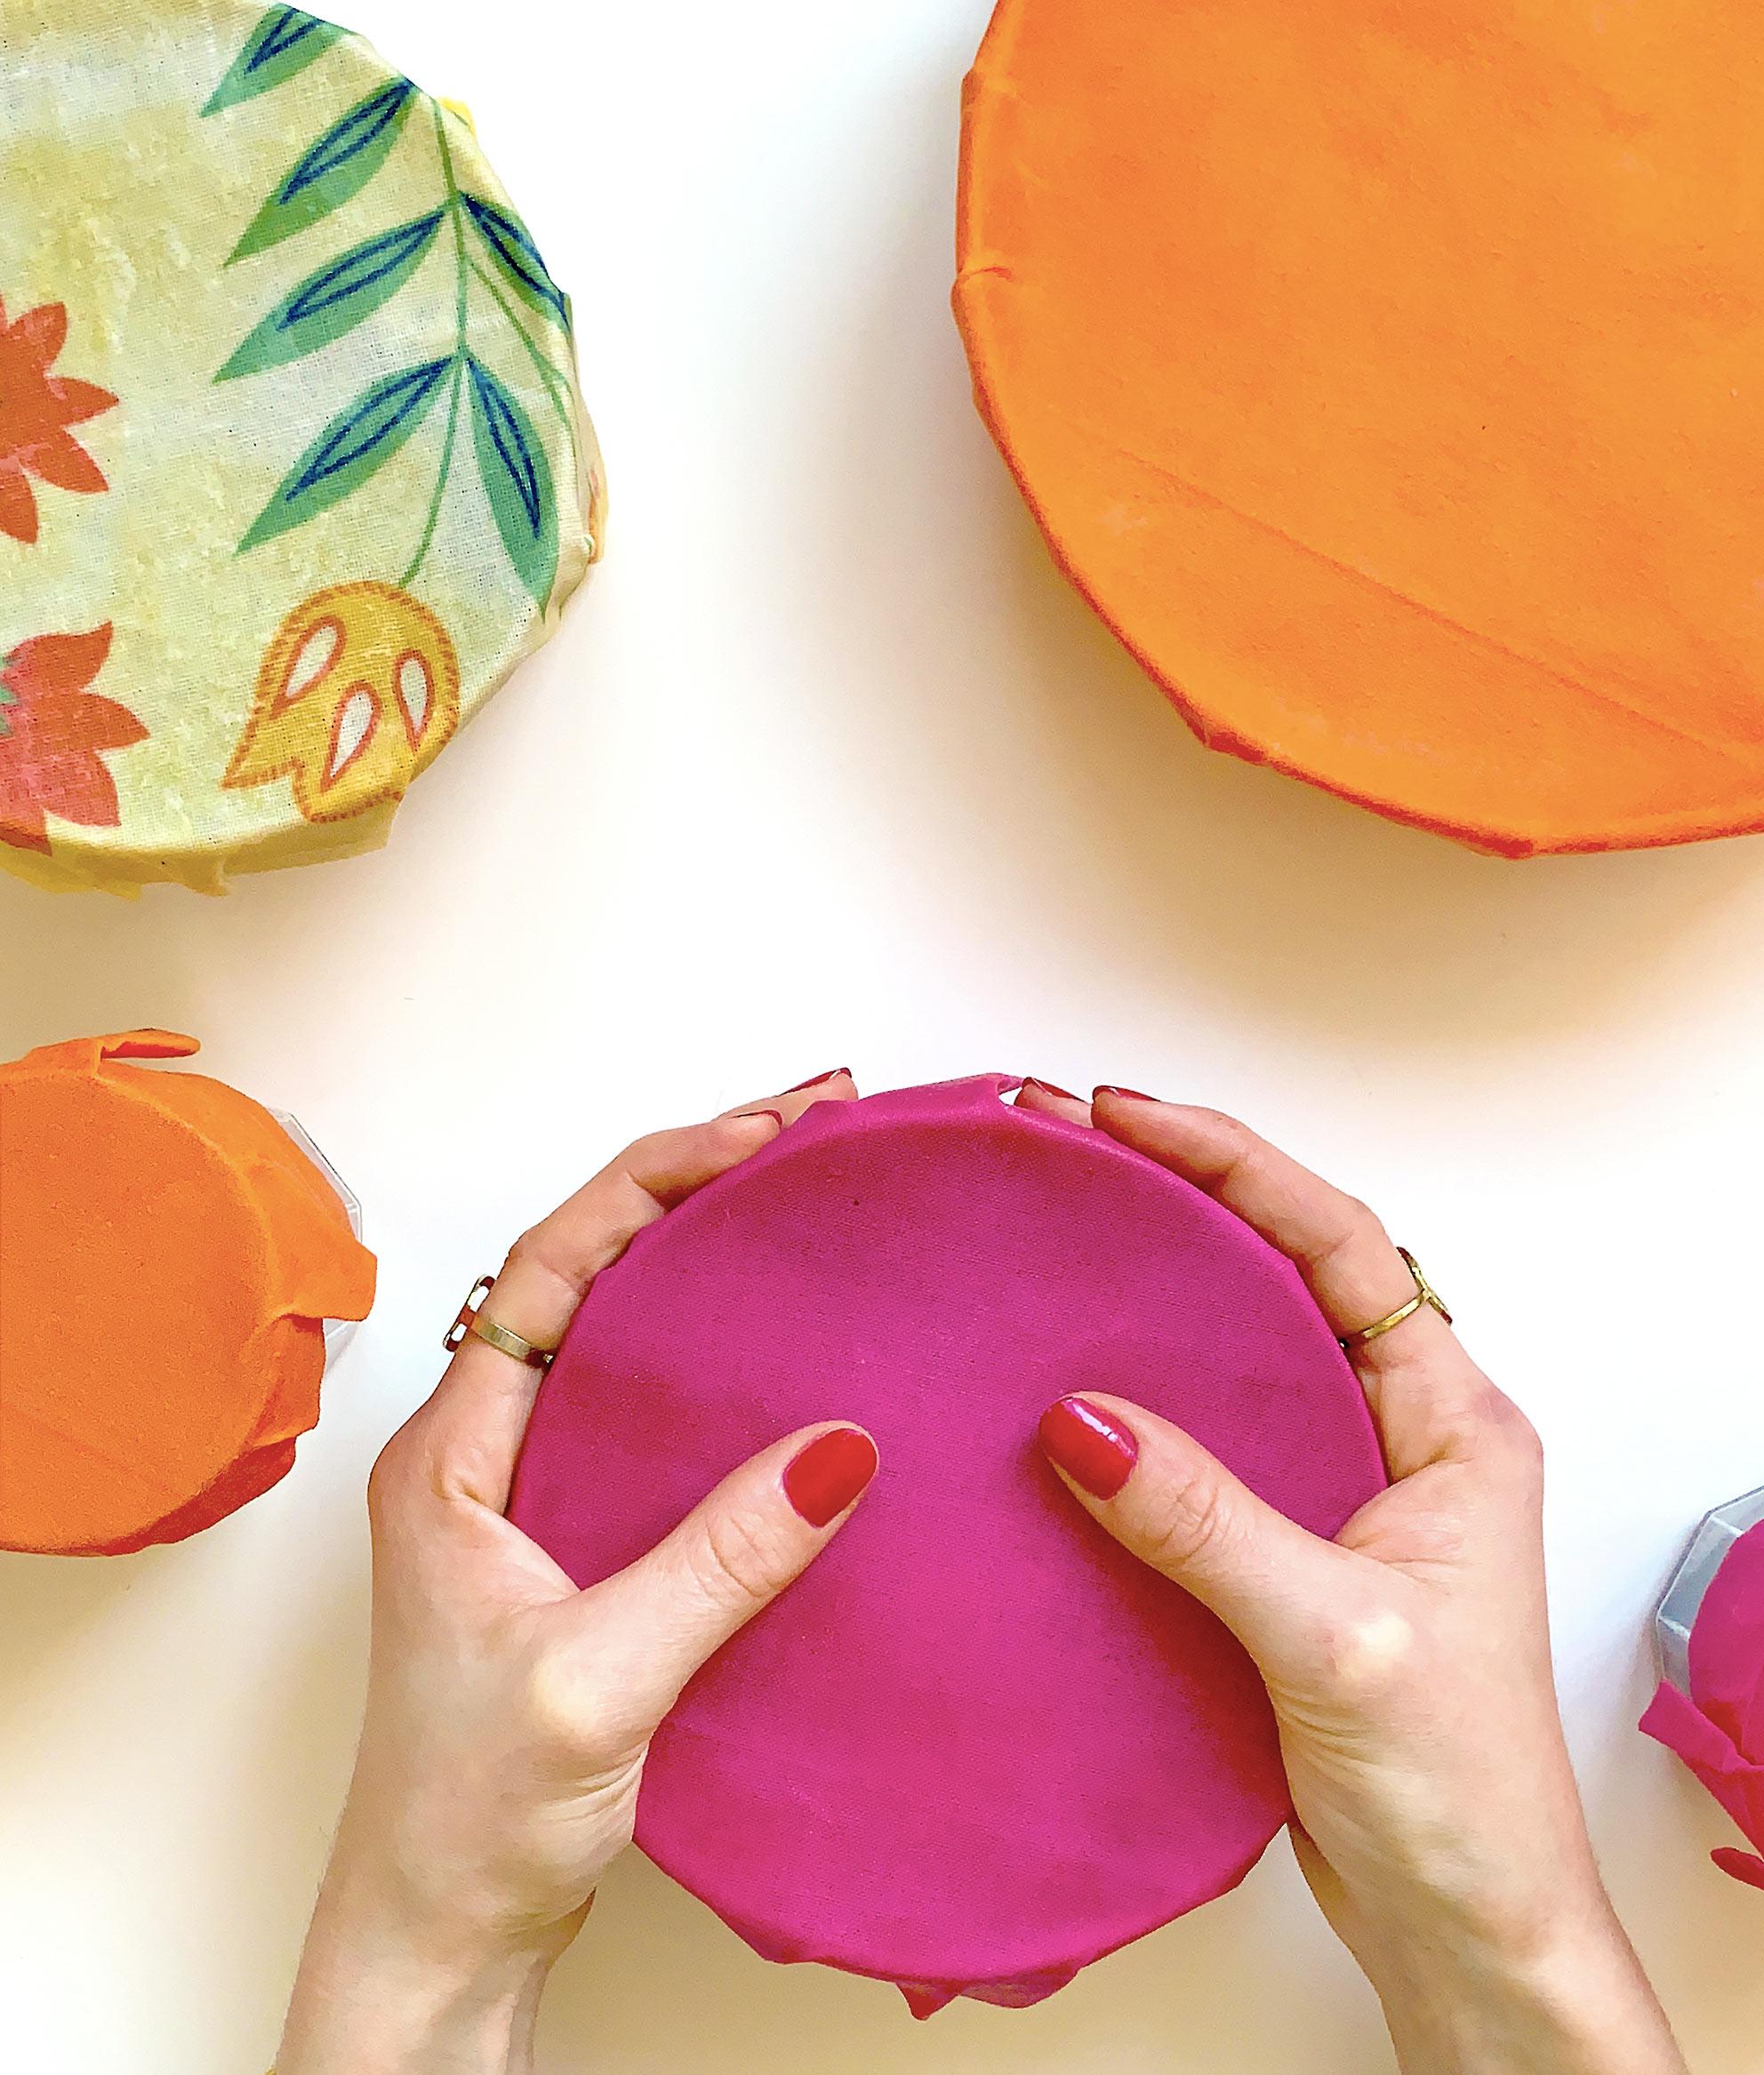 Beewra tissus rose orange mains